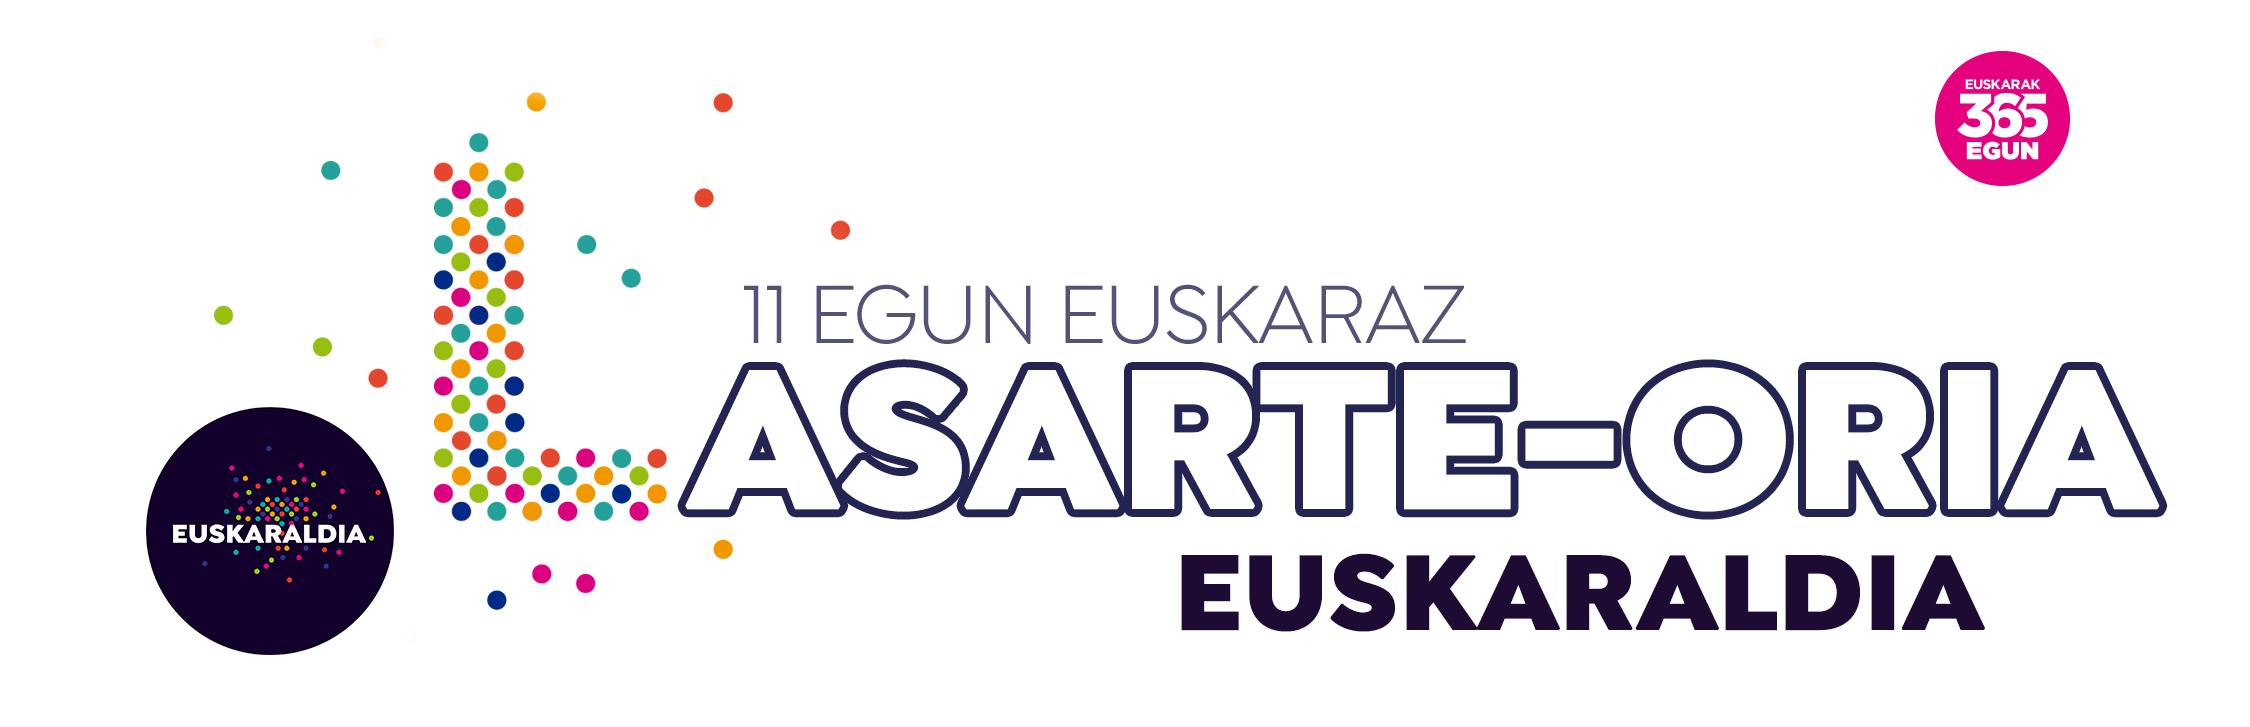 Lasarte-Oria Euskaraldia